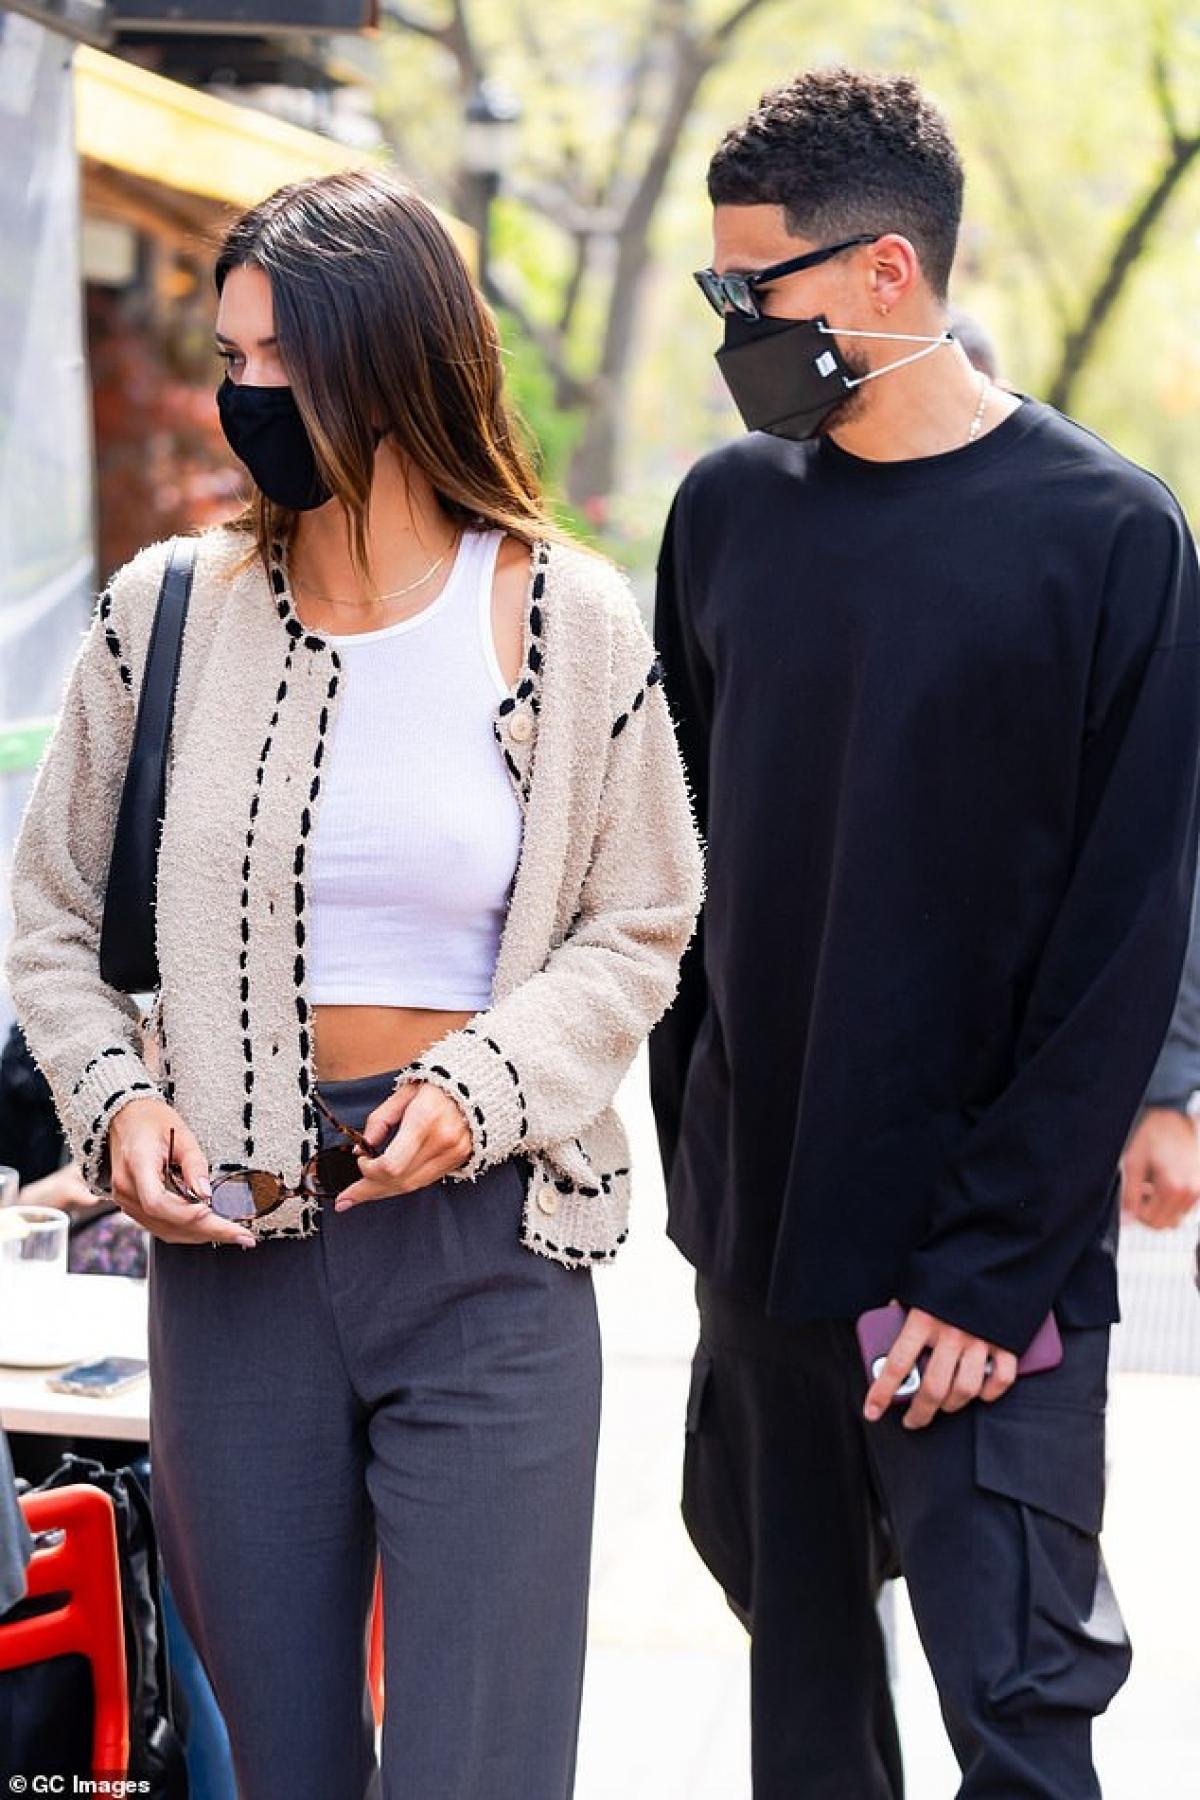 Cách đây không lâu, Kendall còn giúp chị gái Kim Kardashian khoác trên mình những thiết kế nội y gợi cảm để quảng bá dòng đồ lót nhân dịp Valentine's Day.